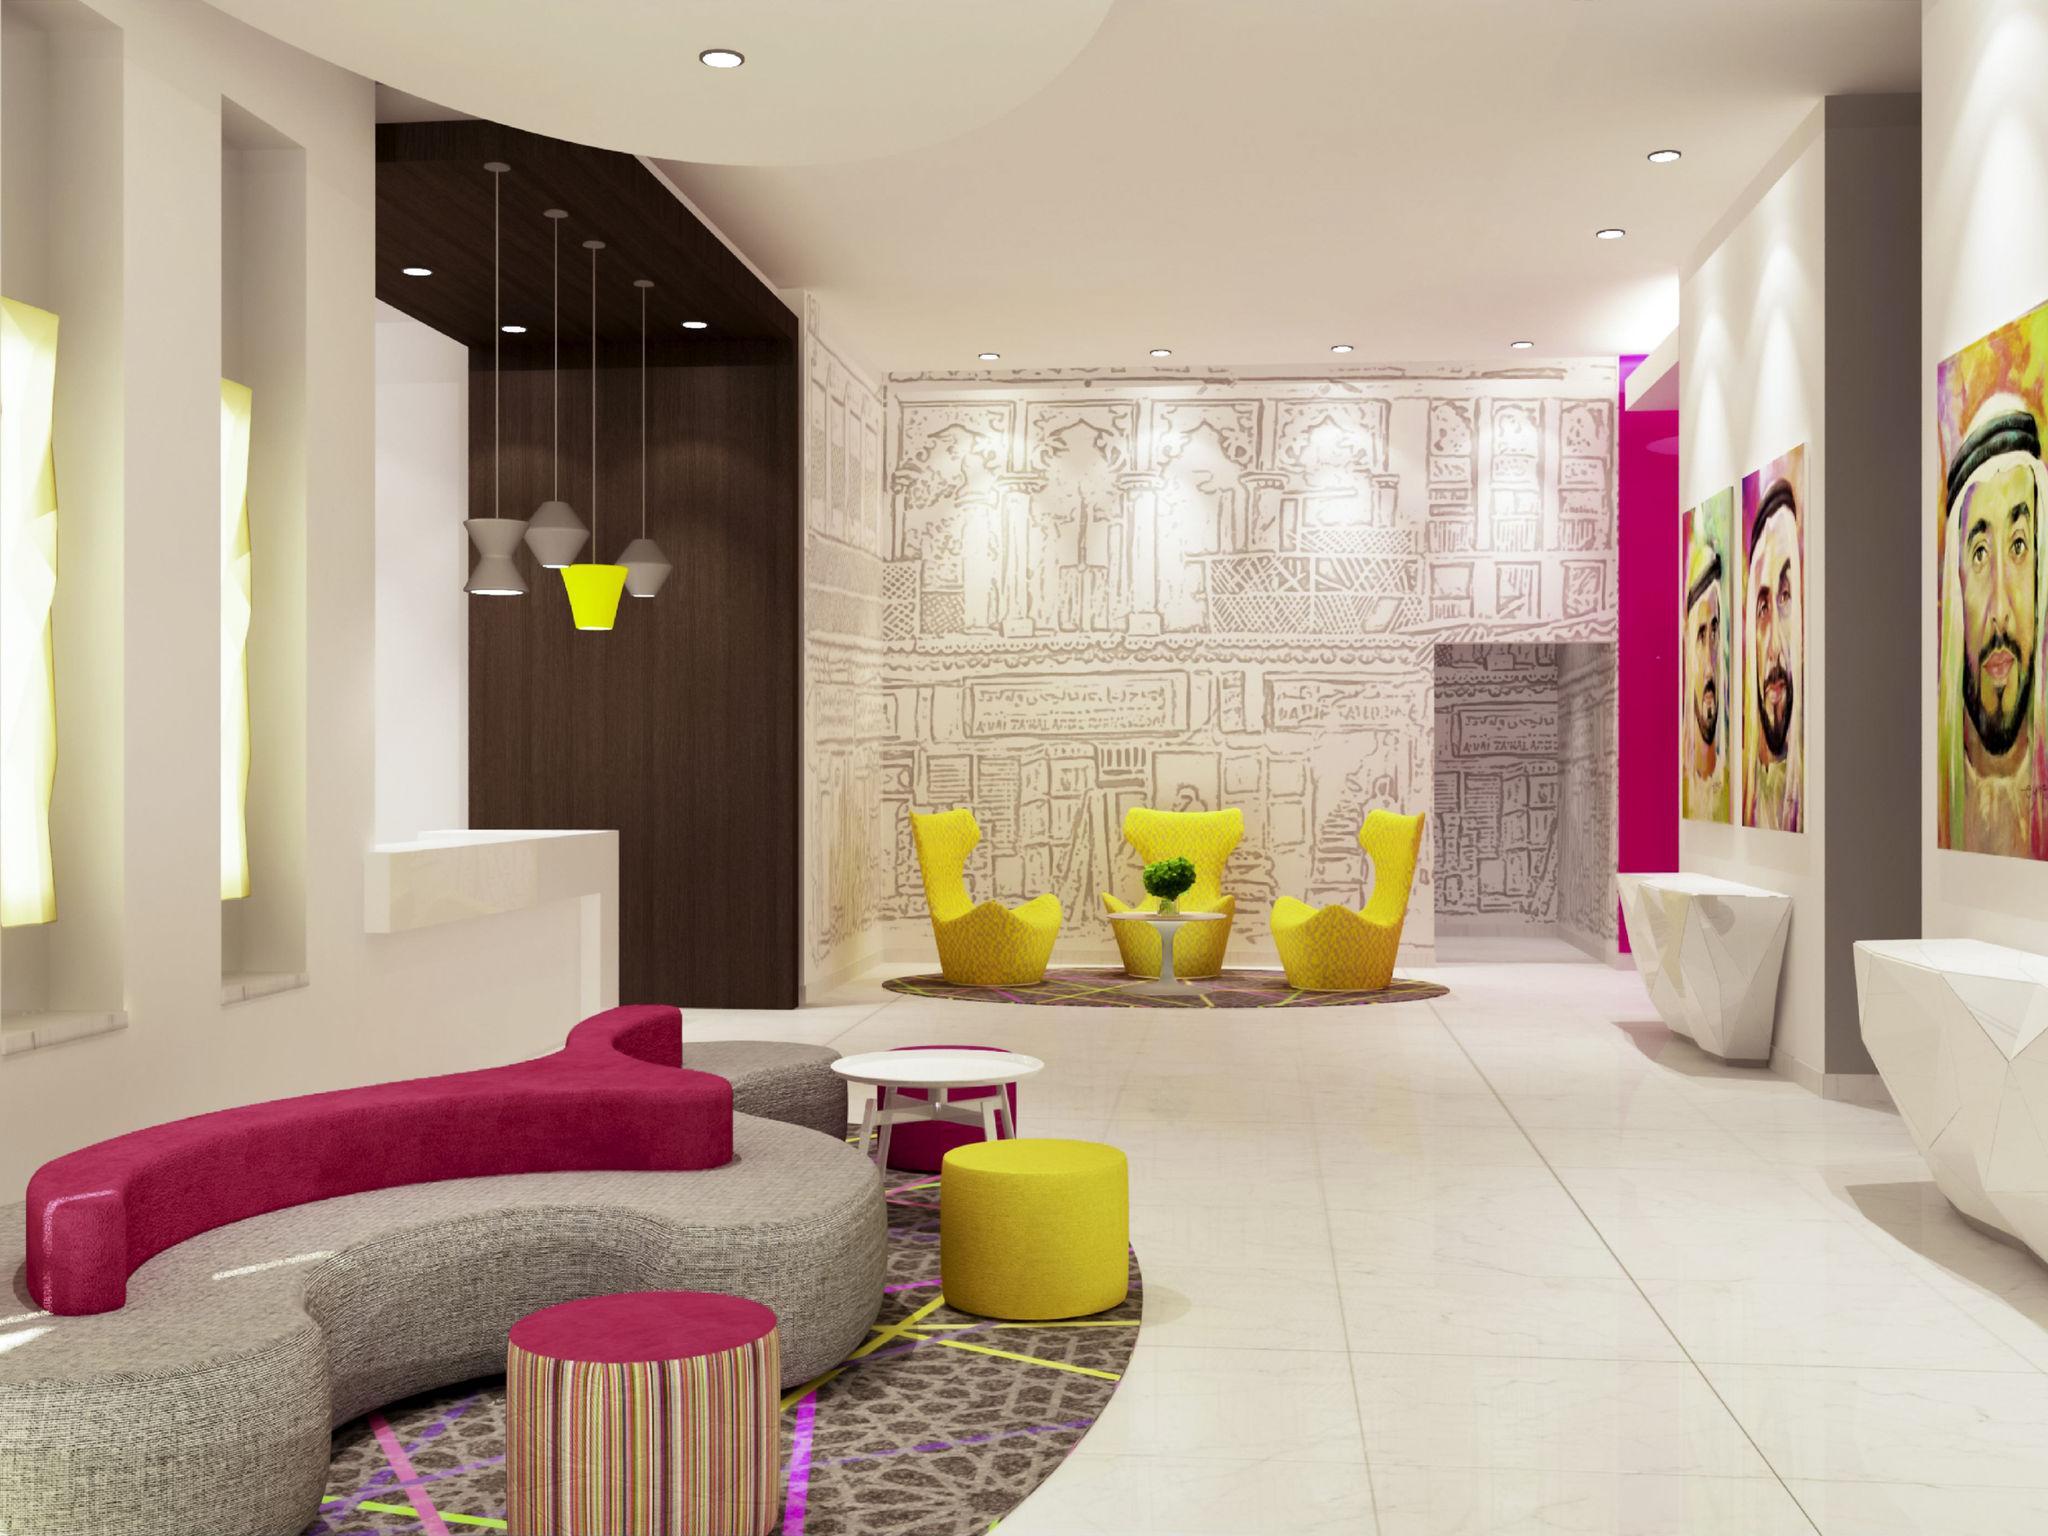 Otel – Al Majaz Hotel Sharjah - By AccorHotels